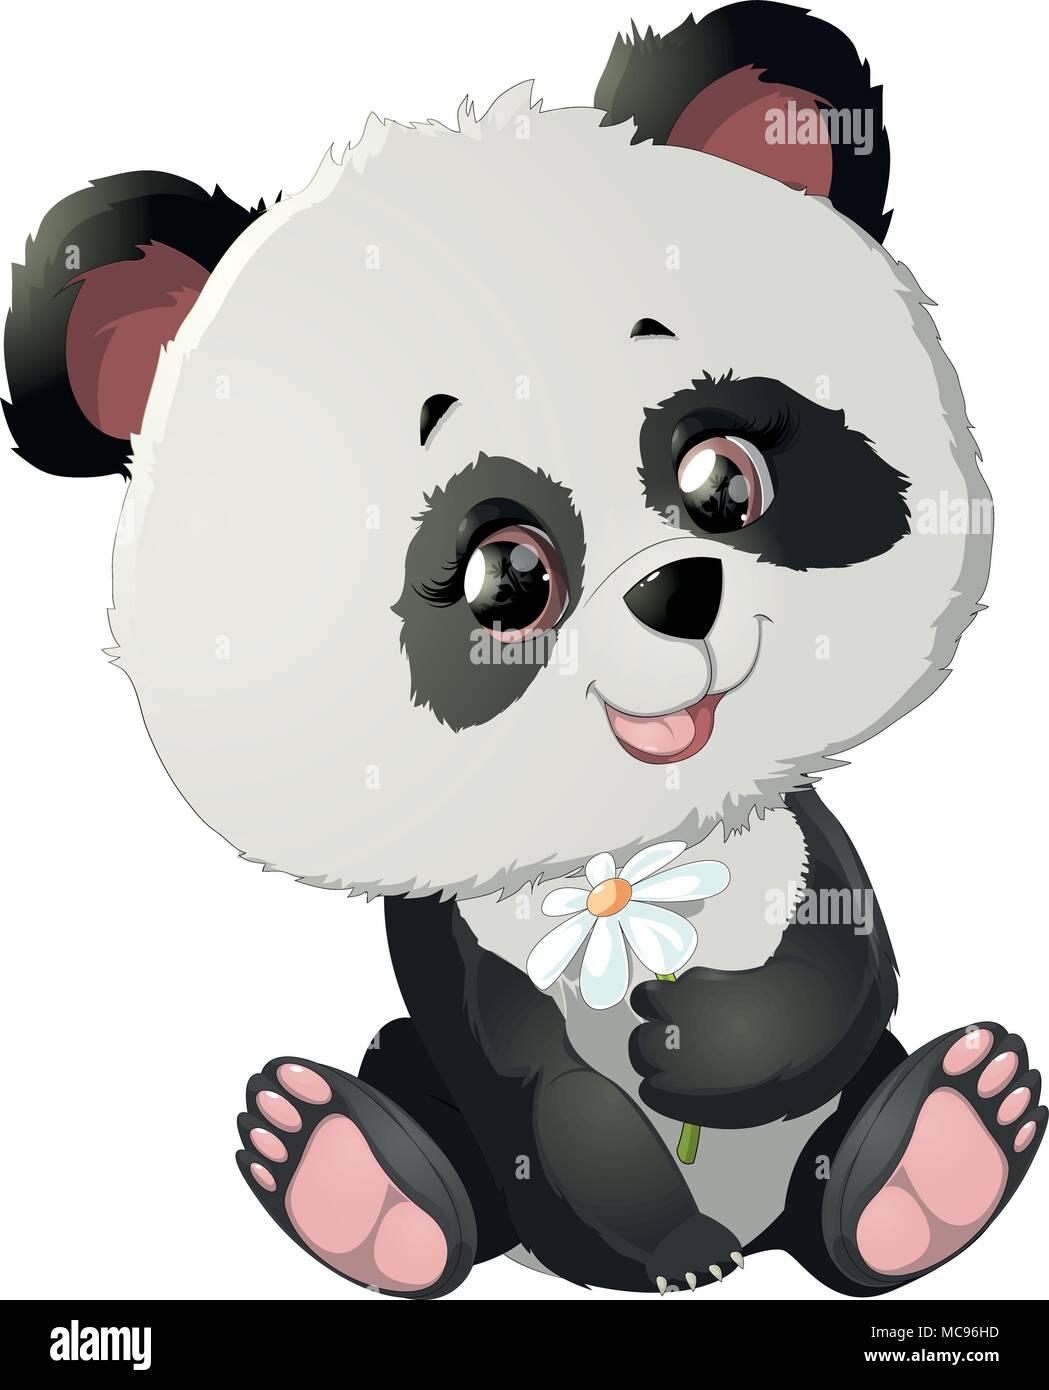 679db2075579a4 Niedlicher Panda Bär Illustrationen Vektor Abbildung - Bild ...